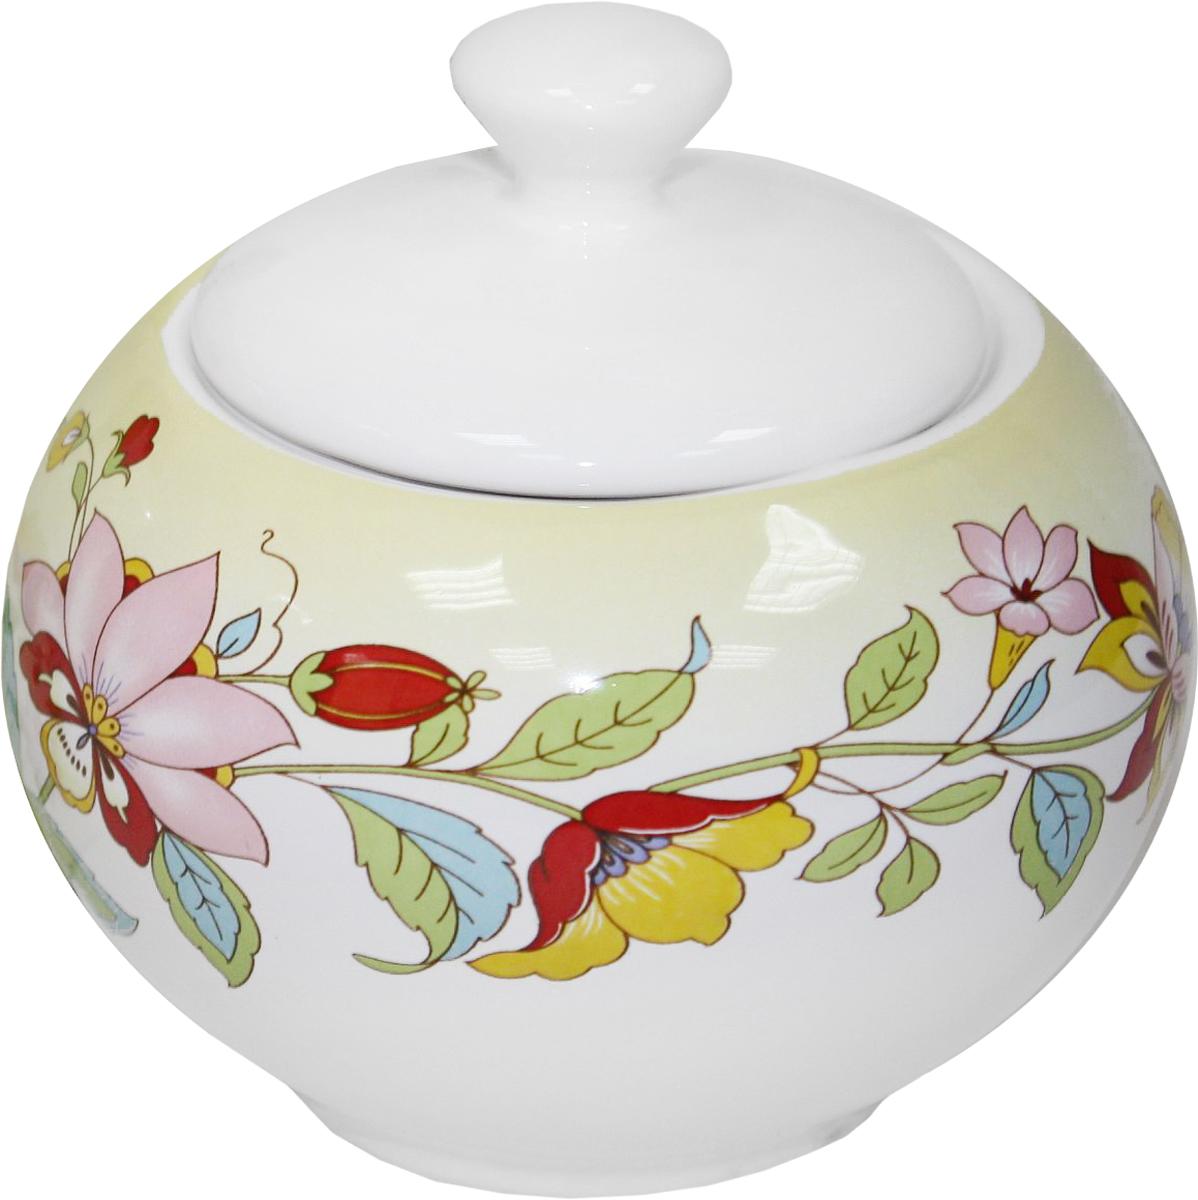 Сахарница Azulejo Espanol Ceramica Sunny Flowers, 300 мл216846СахарницаAzulejo Espanol Ceramica Sunny Flowers сочетает в себе кухонную практичность и декоративную утонченность.Сахарница оформлена художественной печатью и станет отличным украшением вашего интерьера.